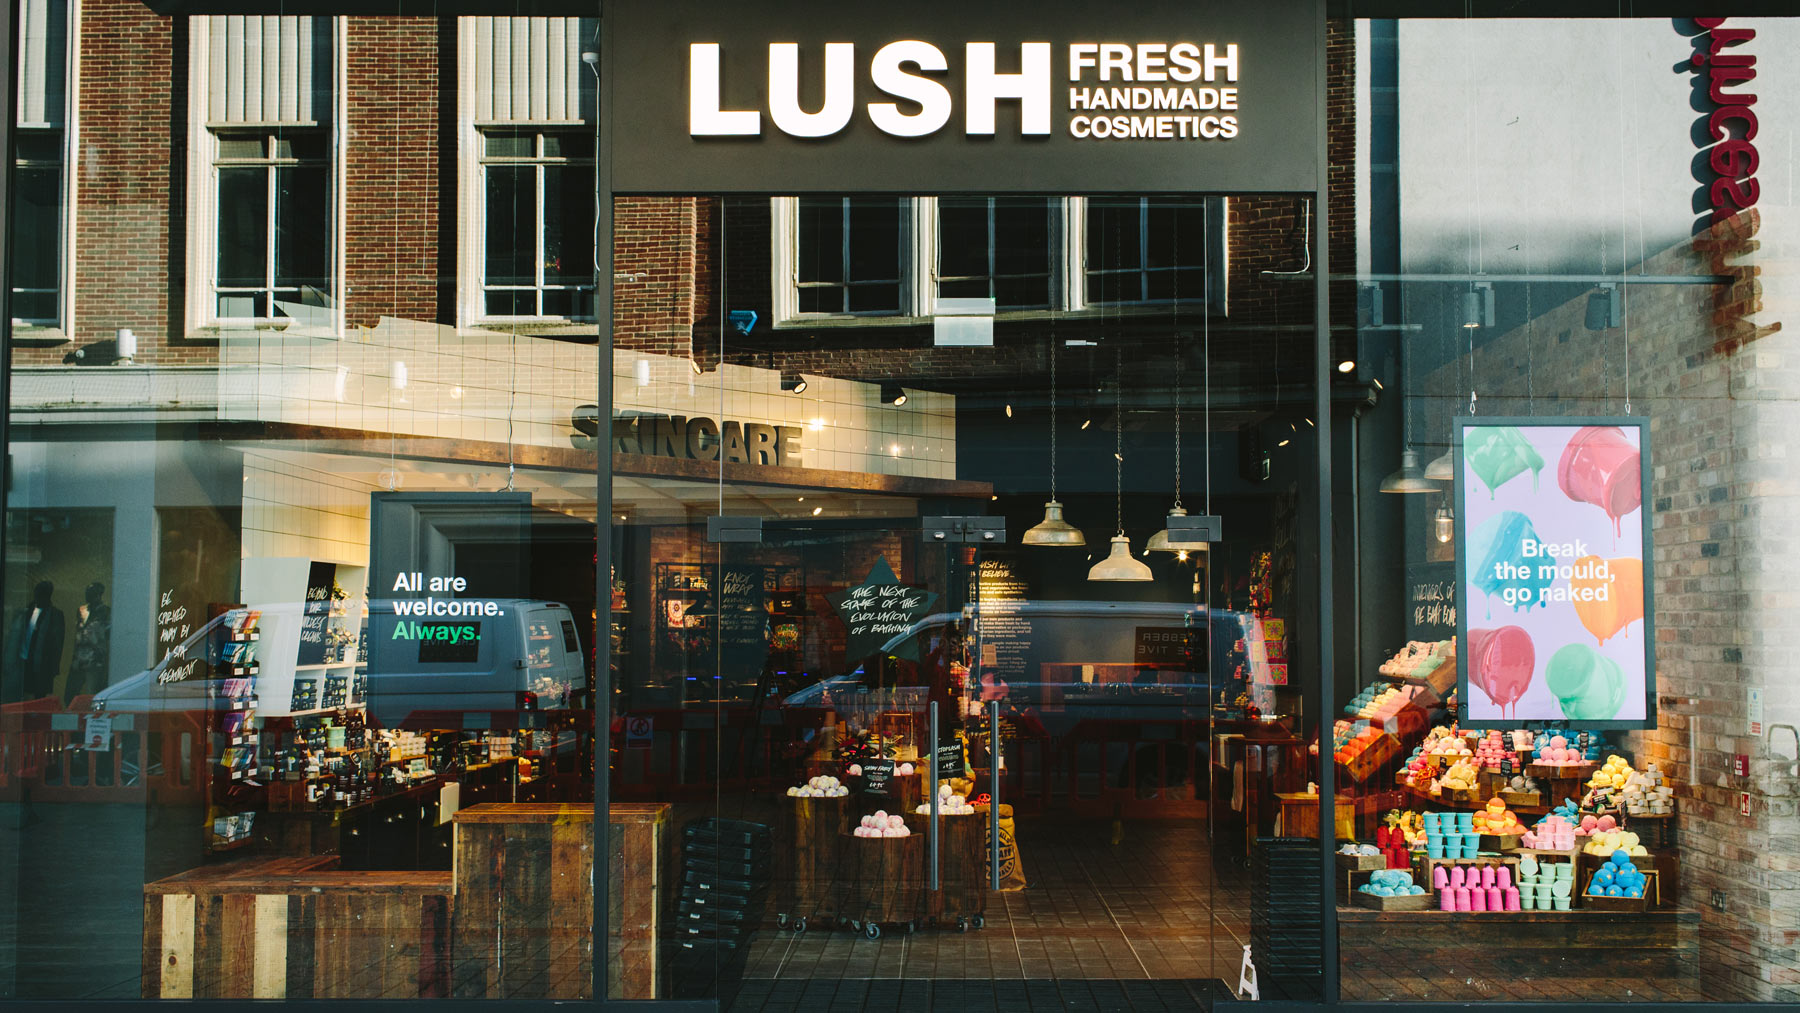 Exeter Lush Fresh Handmade Cosmetics Uk